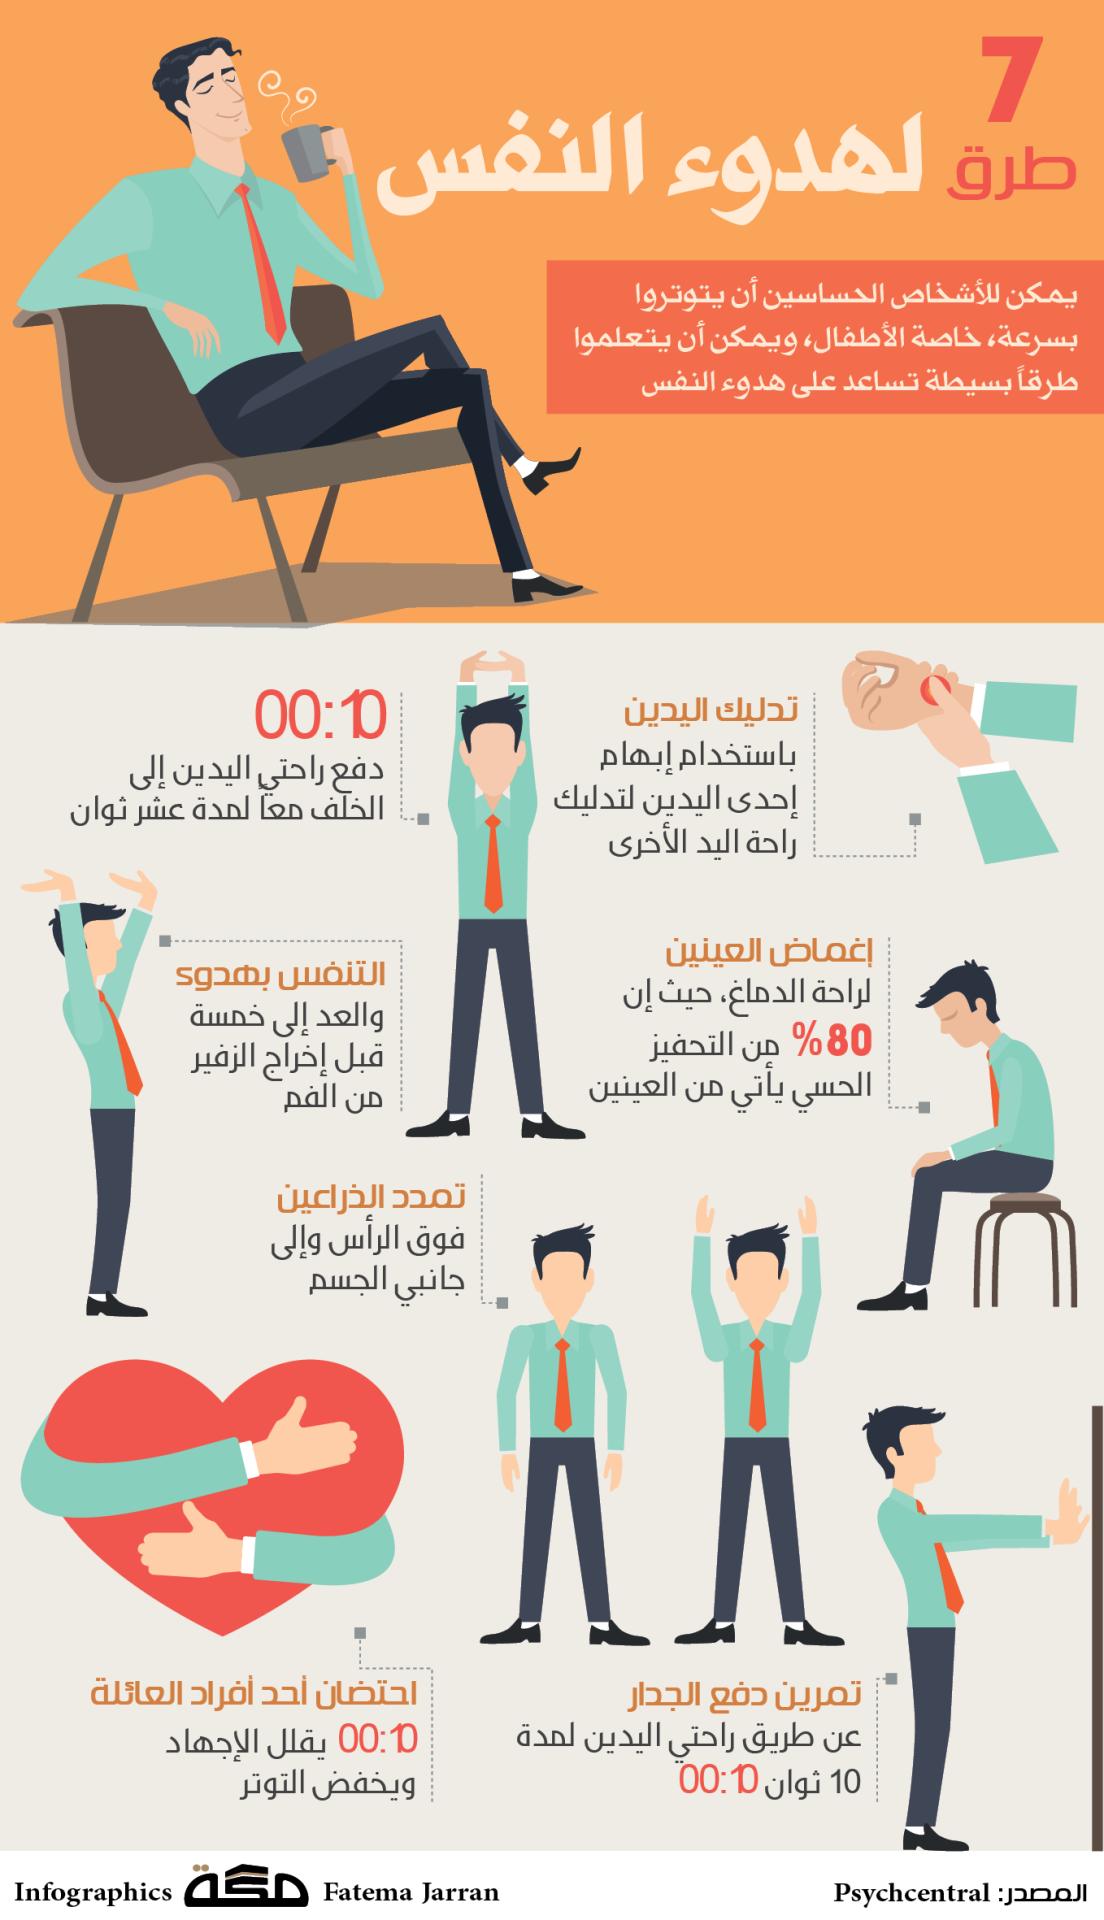 انفوجرافيك ٧ طرق لهدوء النفس المنشور رقم ٢٢٤ في صحيفة مكة Life Habits Life Skills Activities Positive Life